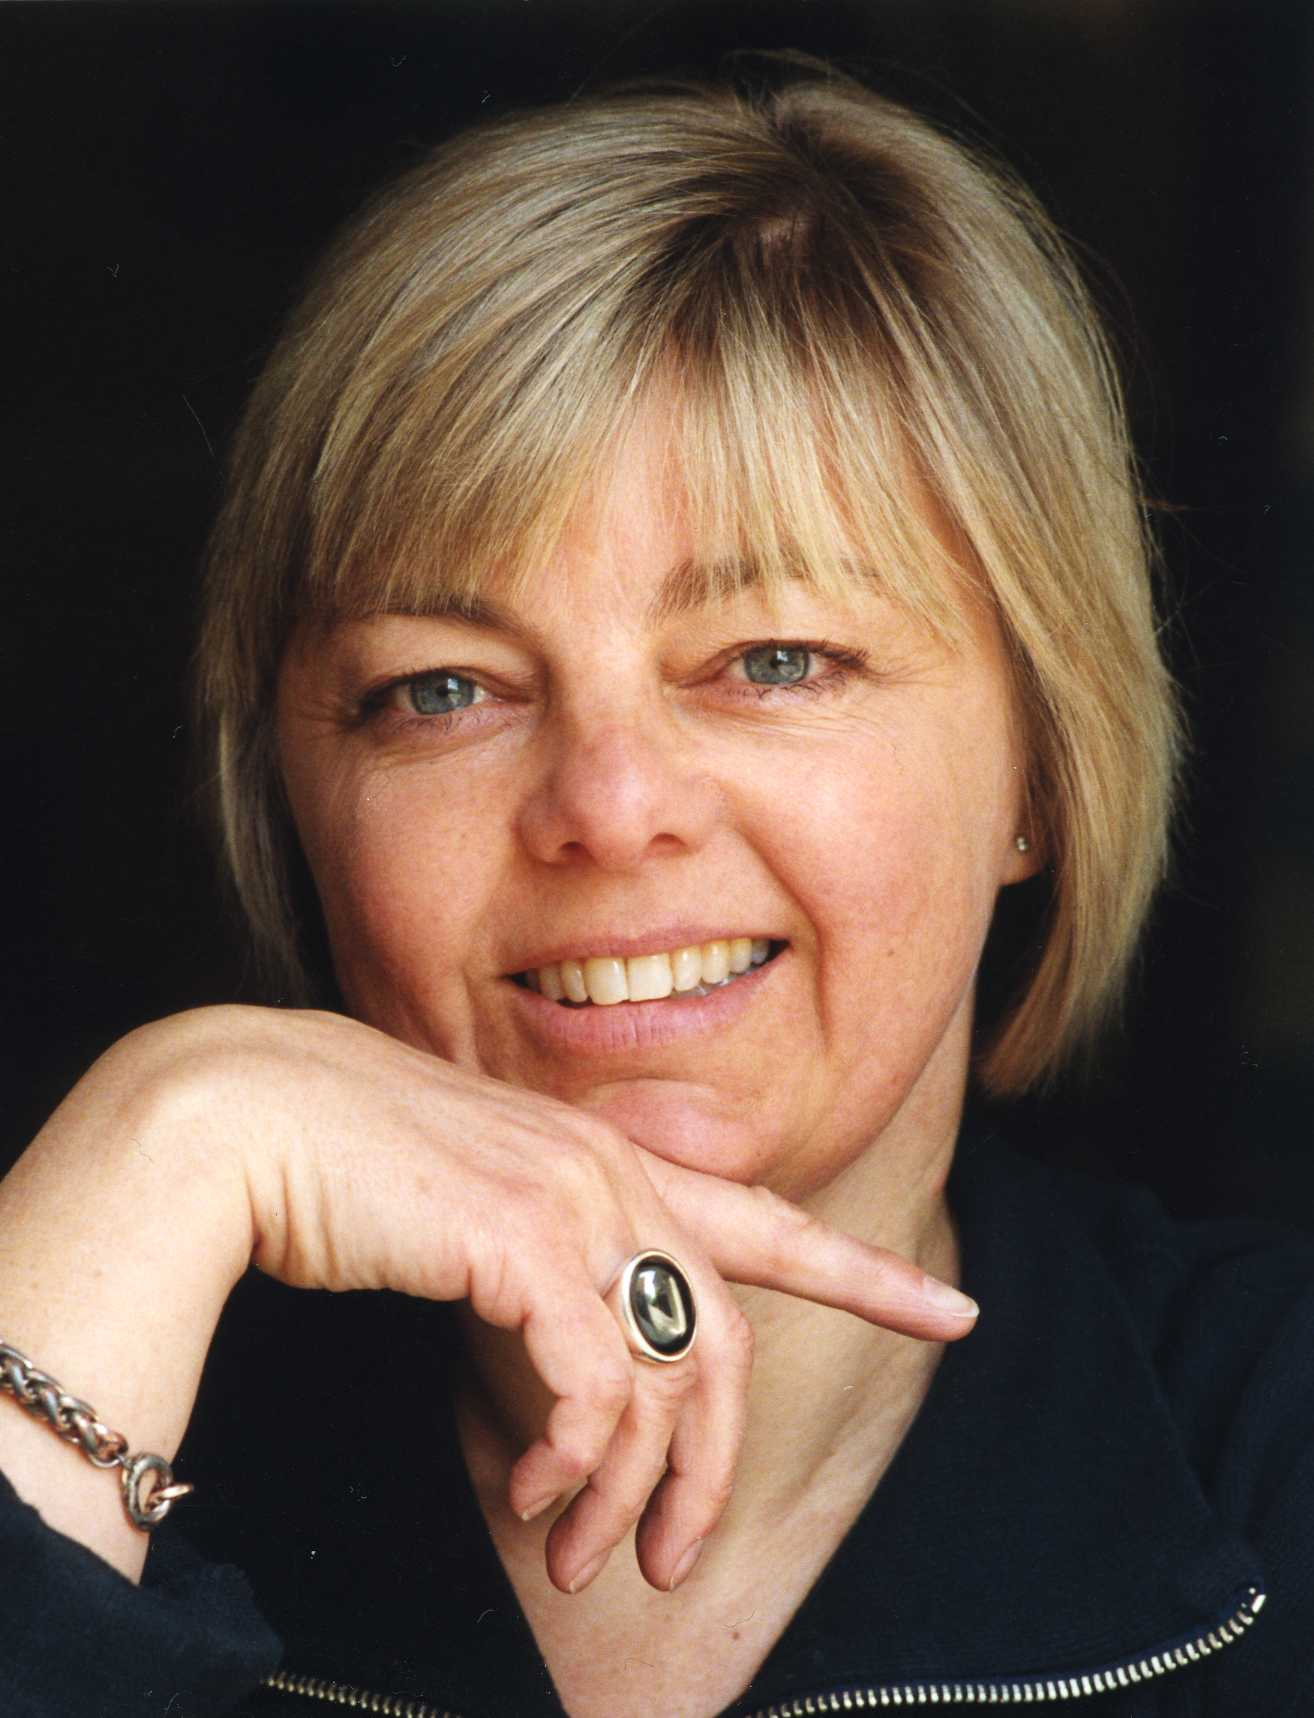 Christina Olofson